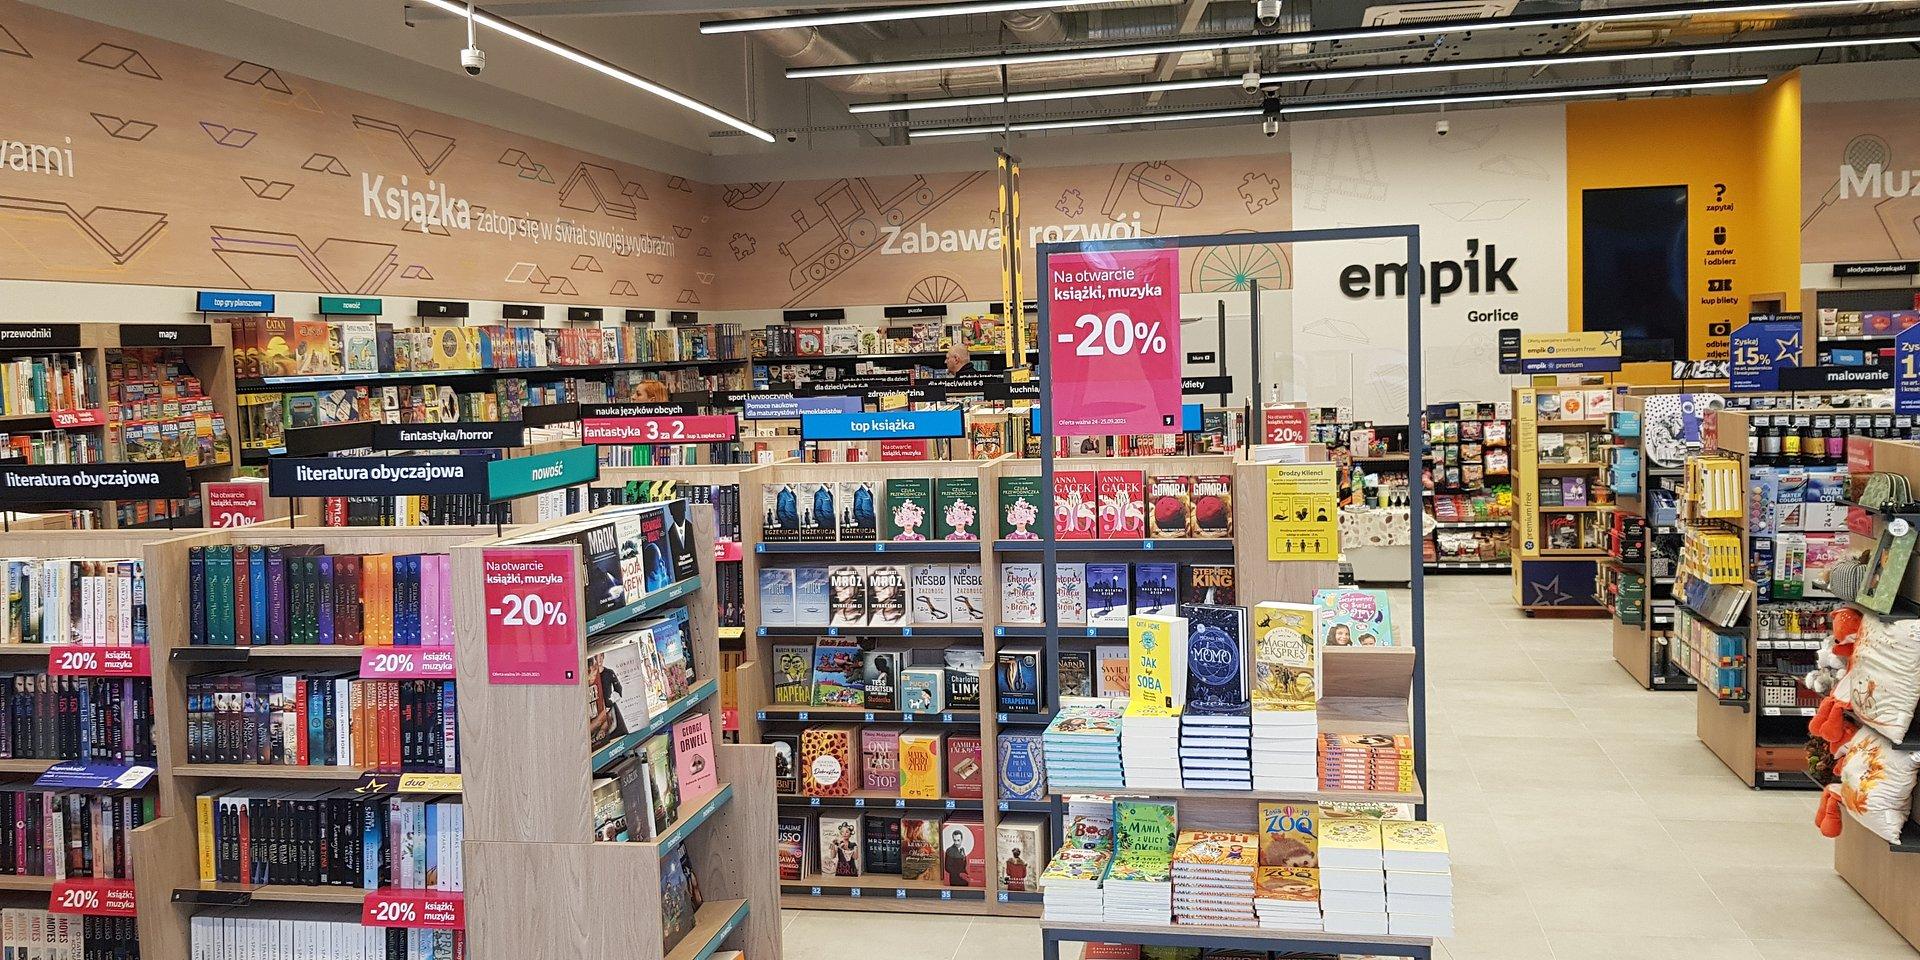 Pierwszy salon Empik w Gorlicach otwarty